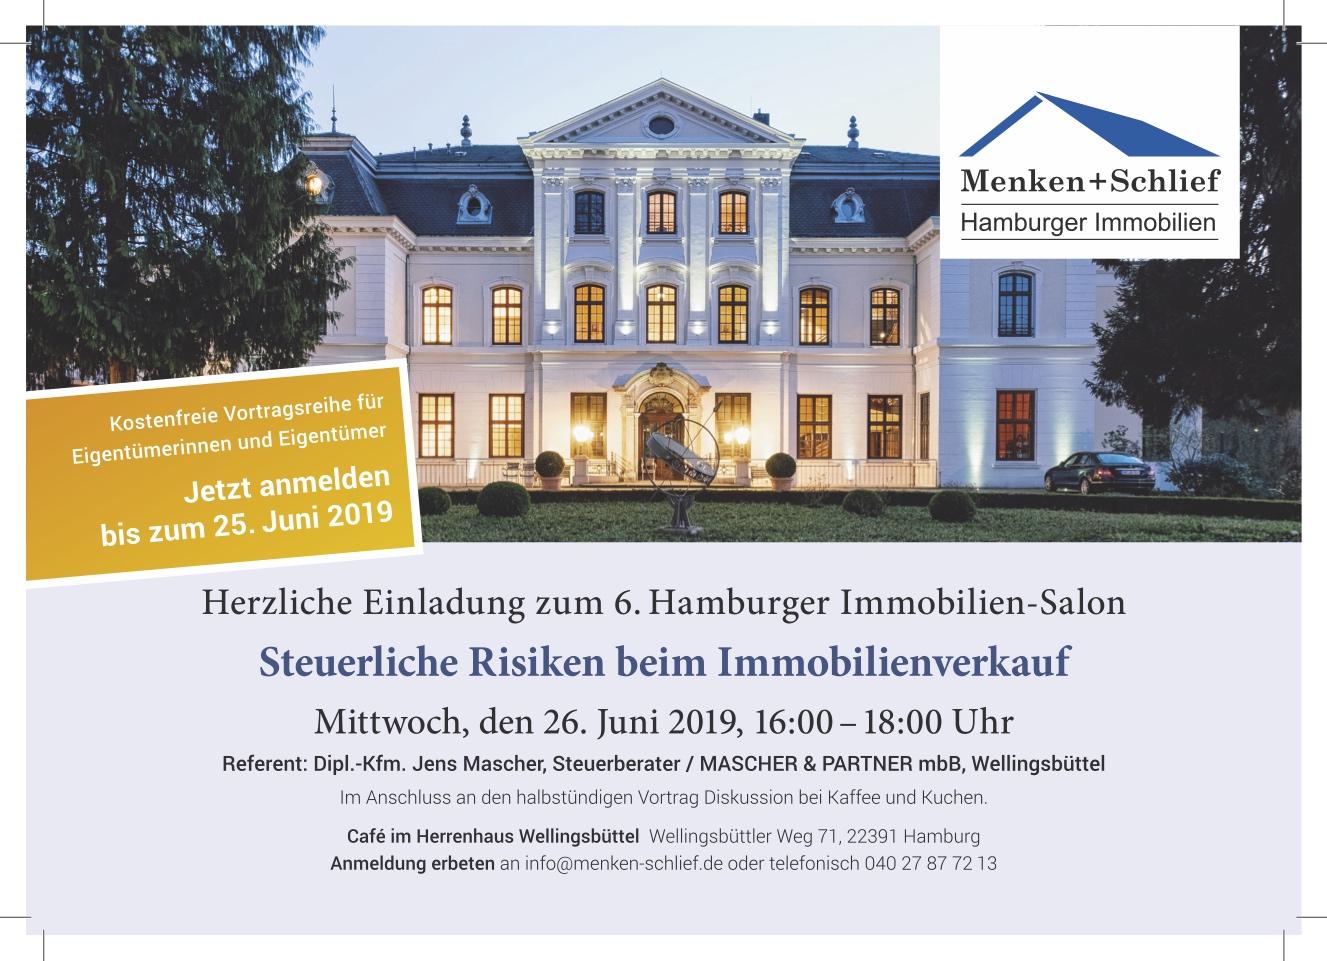 Immobilien-Salon Hamburg